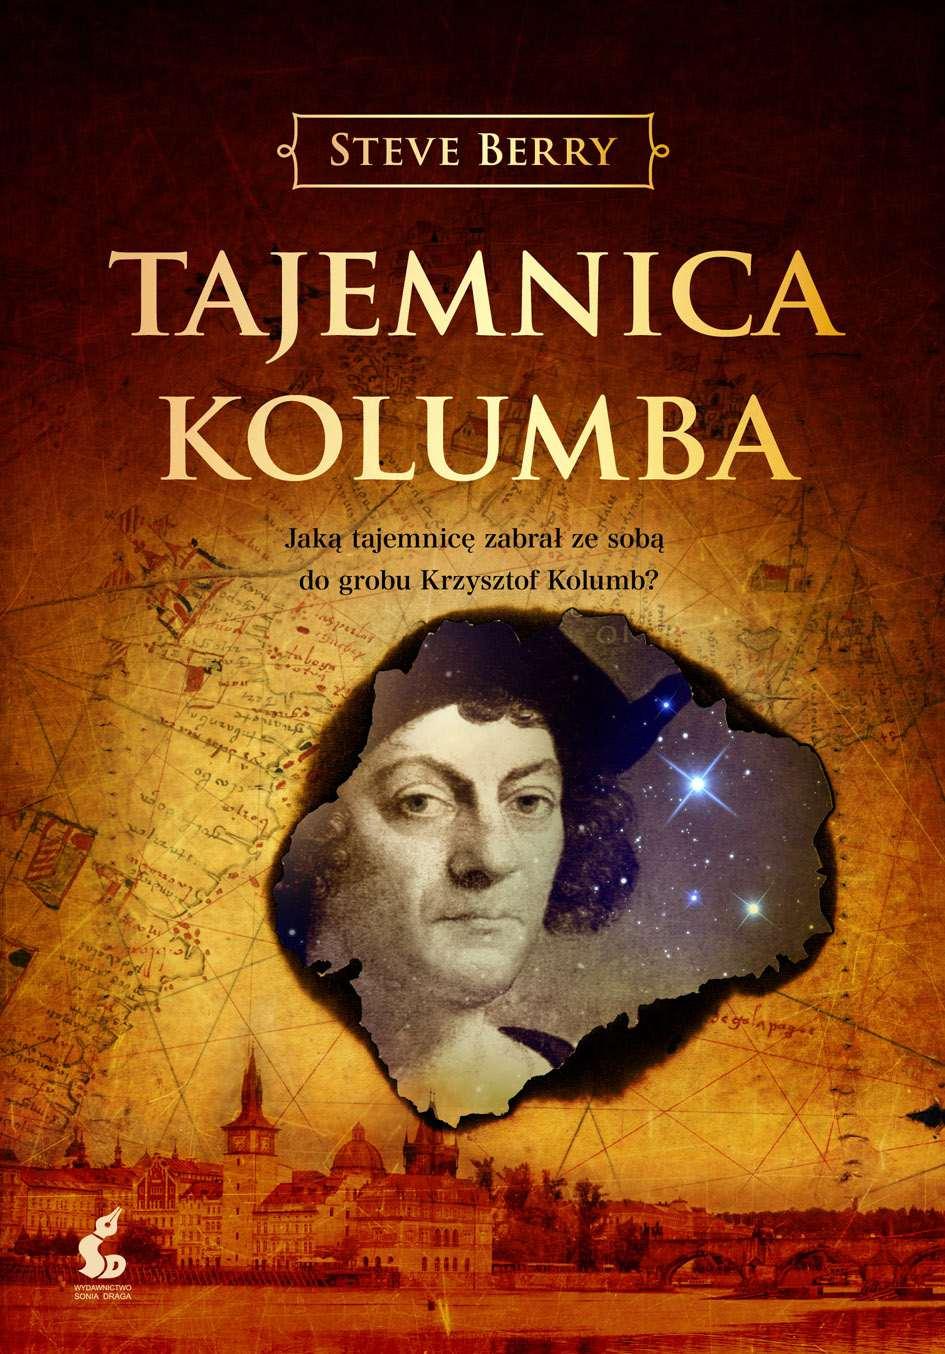 Tajemnica Kolumba - Ebook (Książka EPUB) do pobrania w formacie EPUB